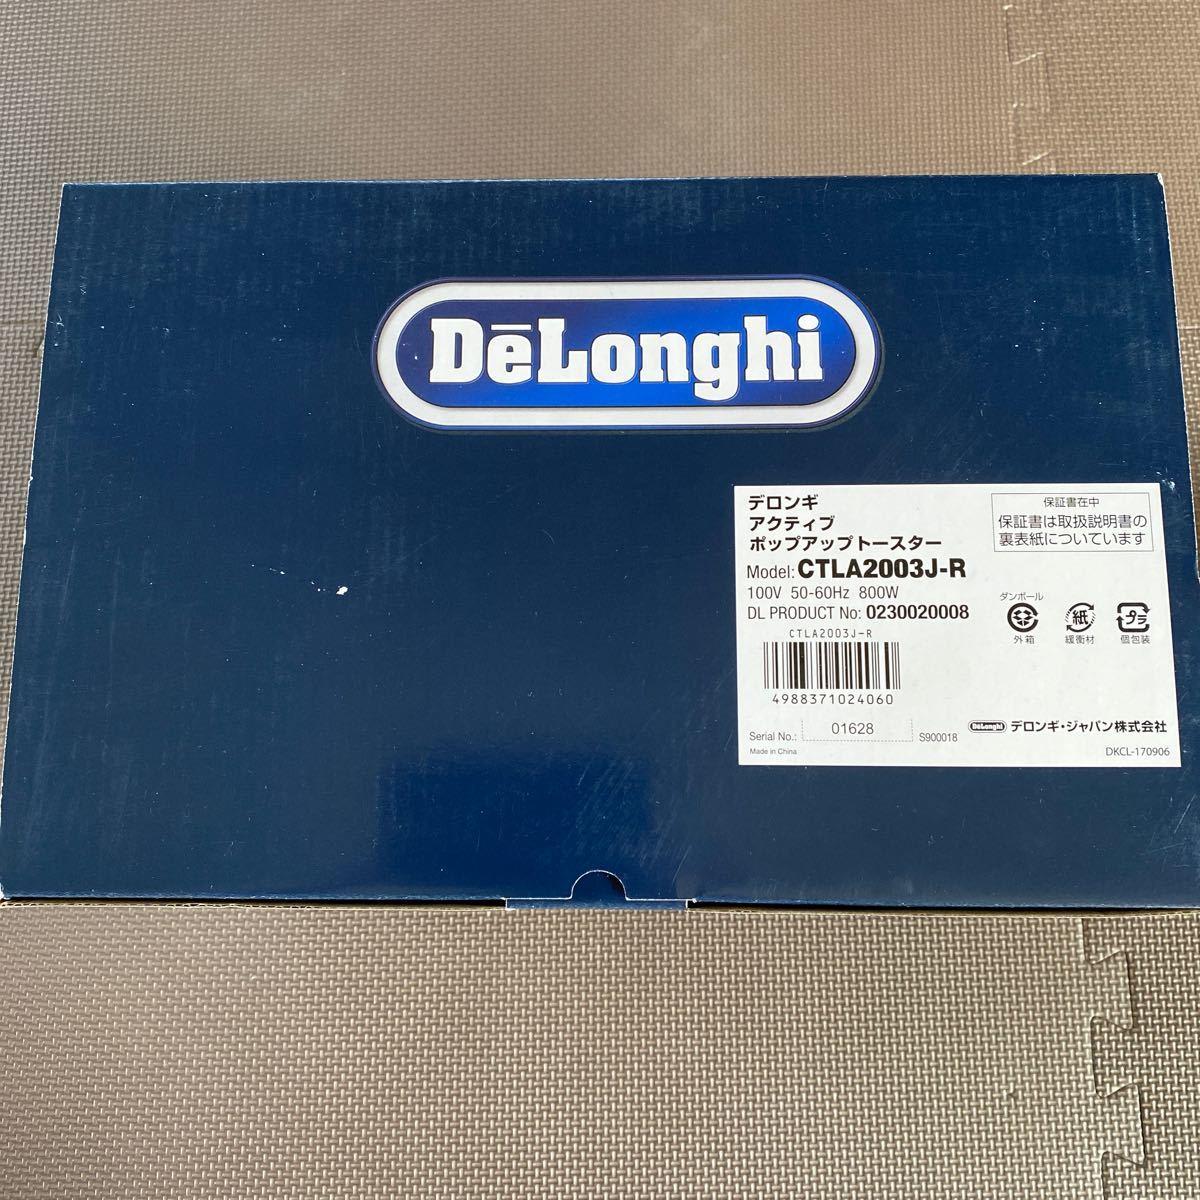 デロンギ アクティブ ポップアップトースター CTLA2003J-R (パッション レッド)